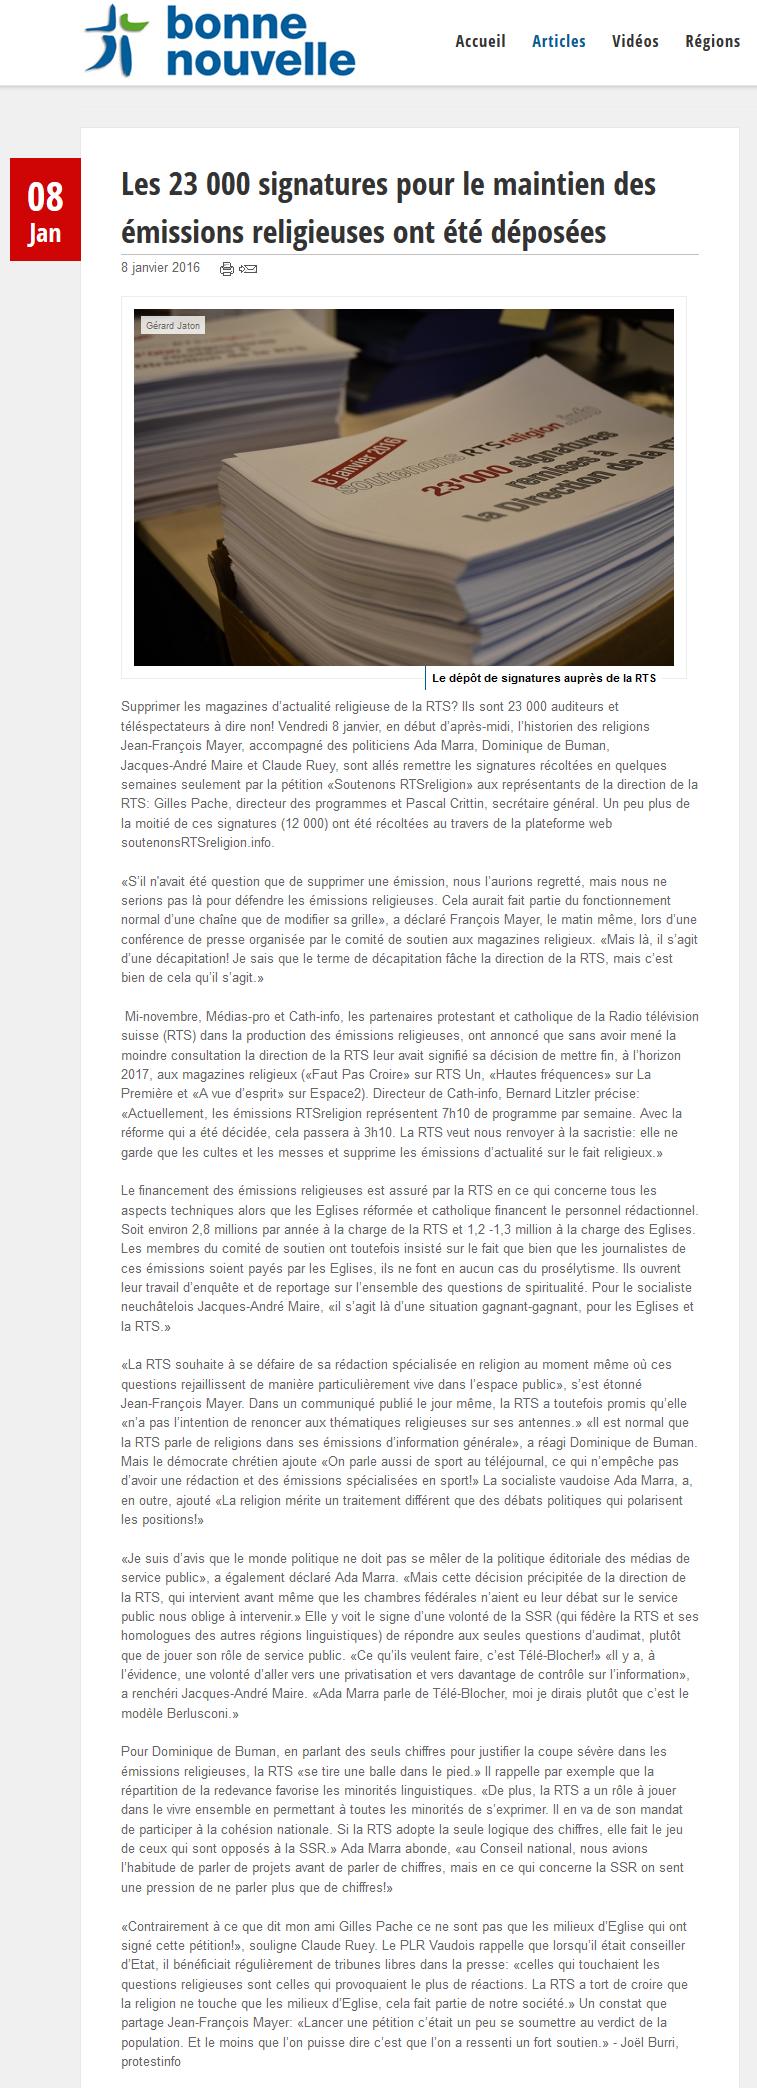 2016-01-08 Les 23 000 signatures pour le maintien des emissions religieuses ont ete deposees (Bonne nouvelle)